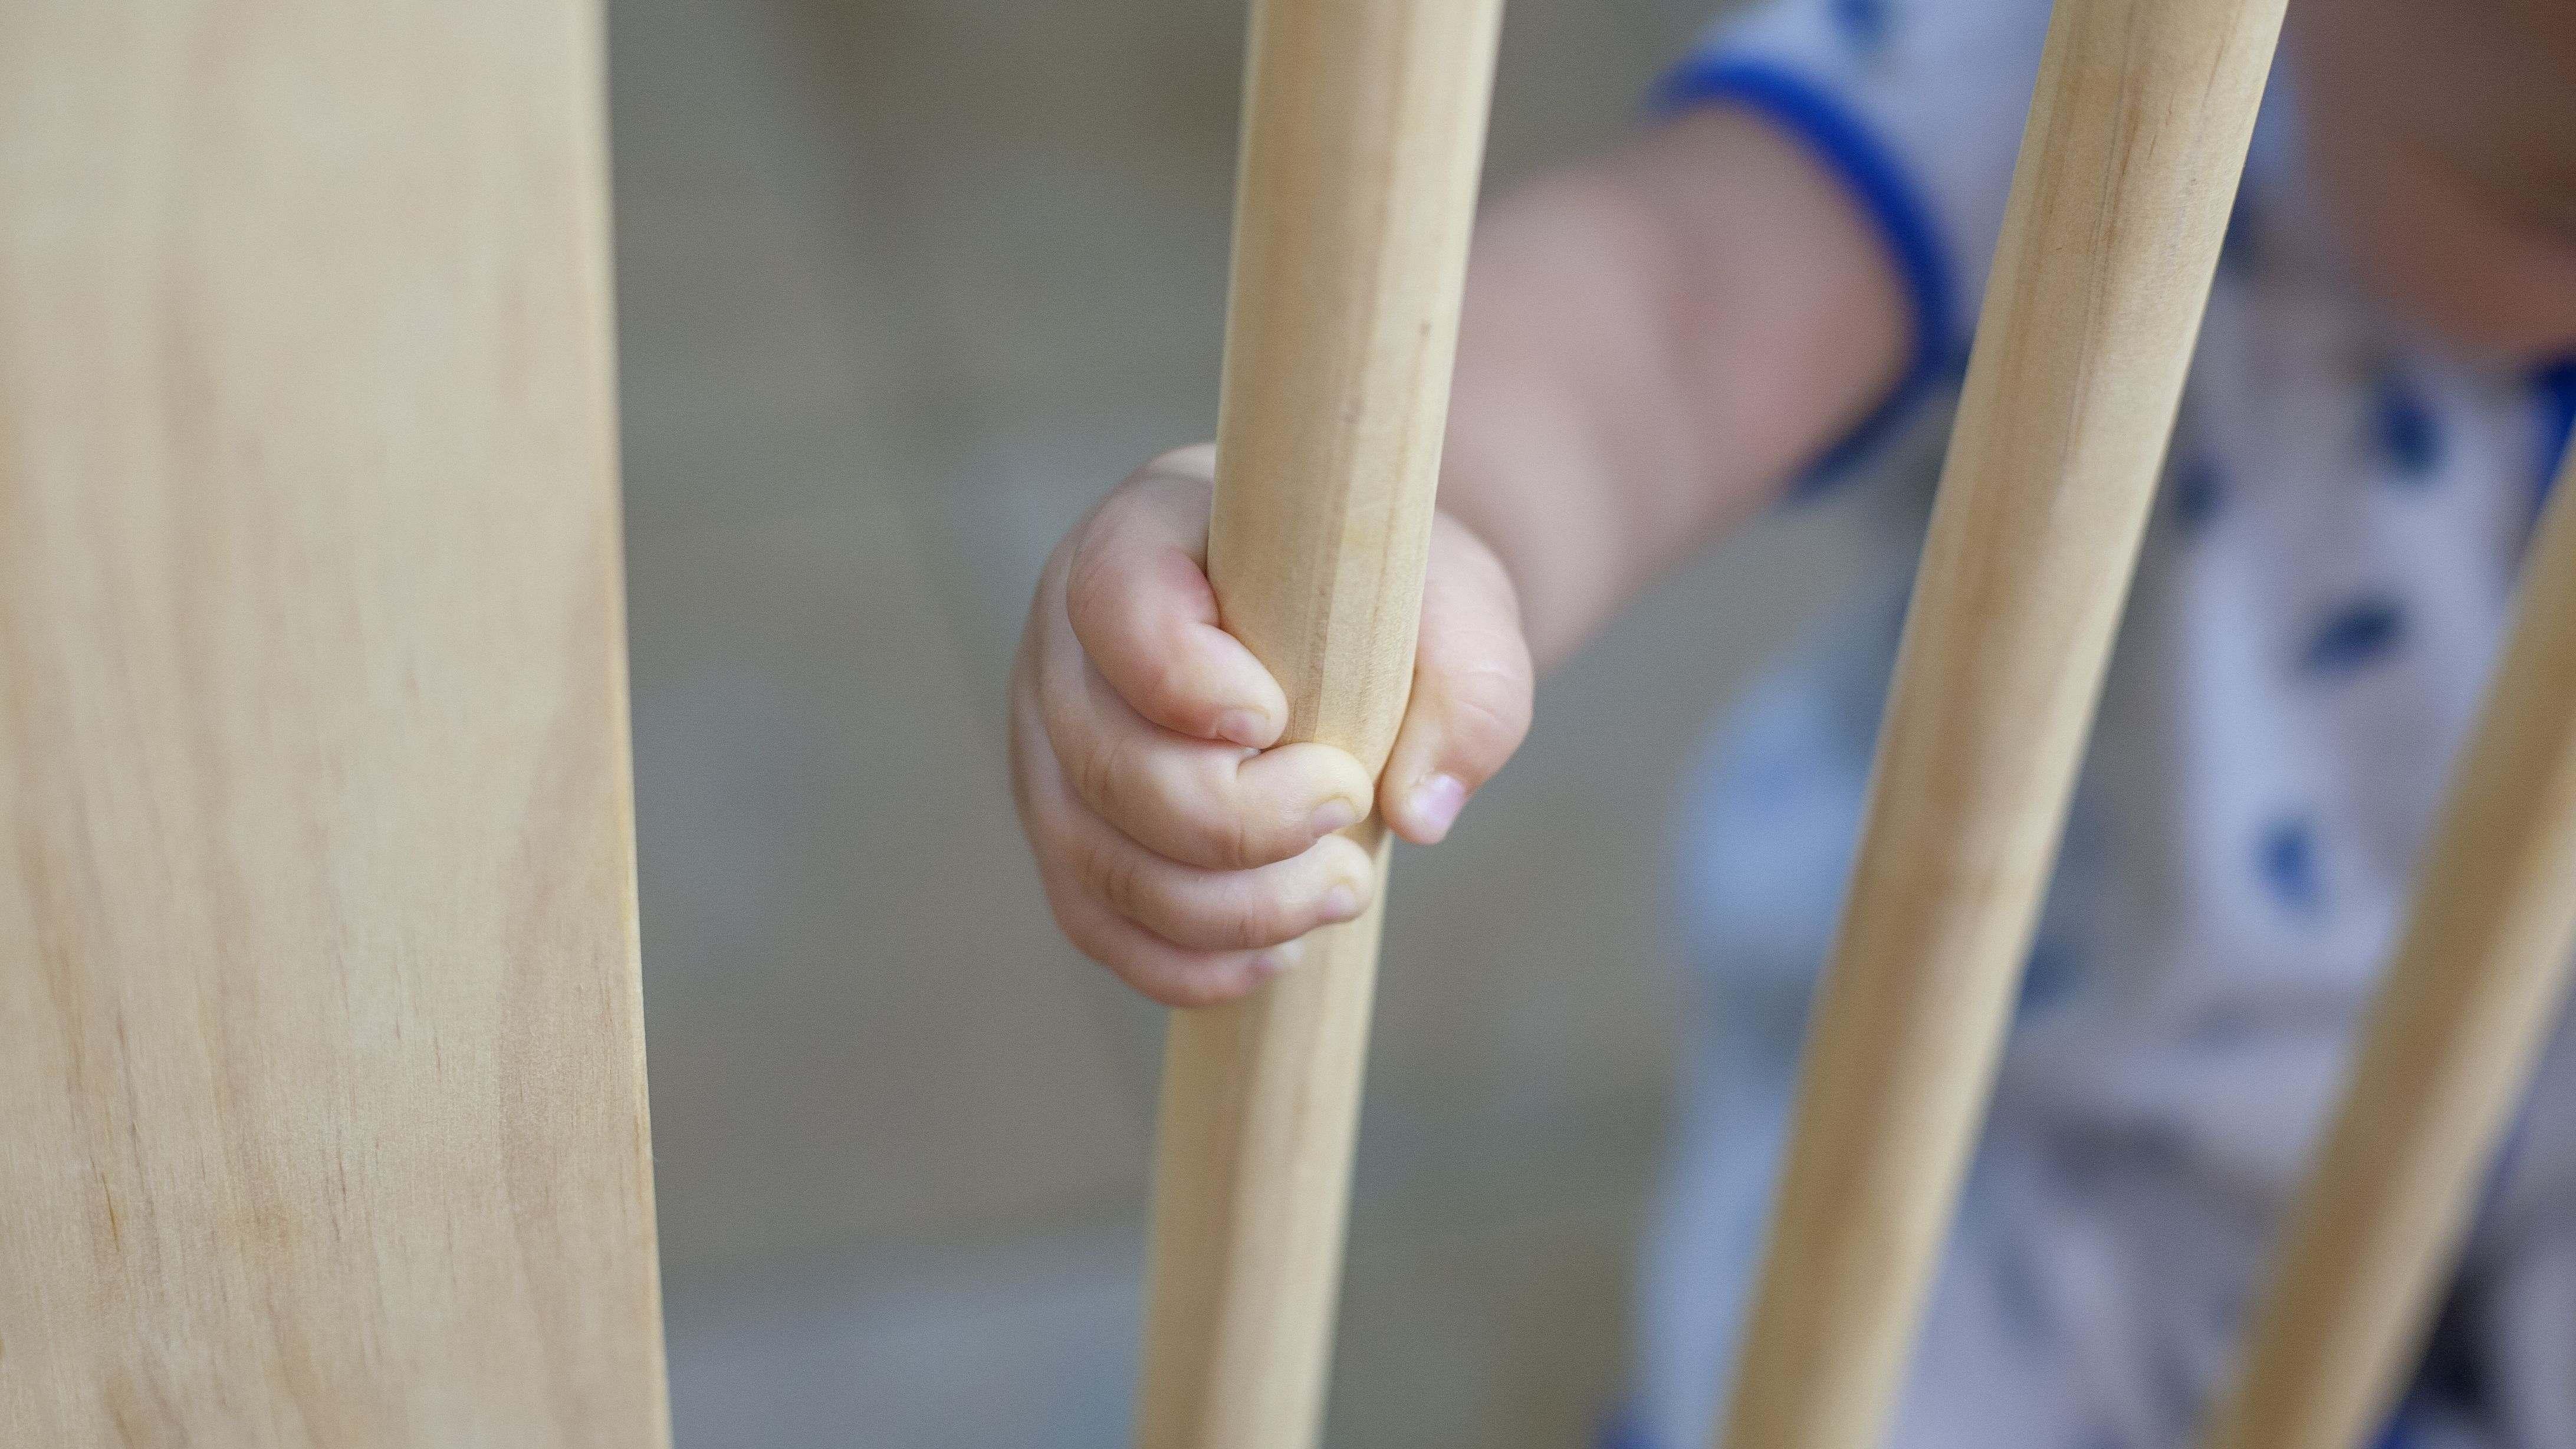 Comment sécuriser son logement pour un bébé